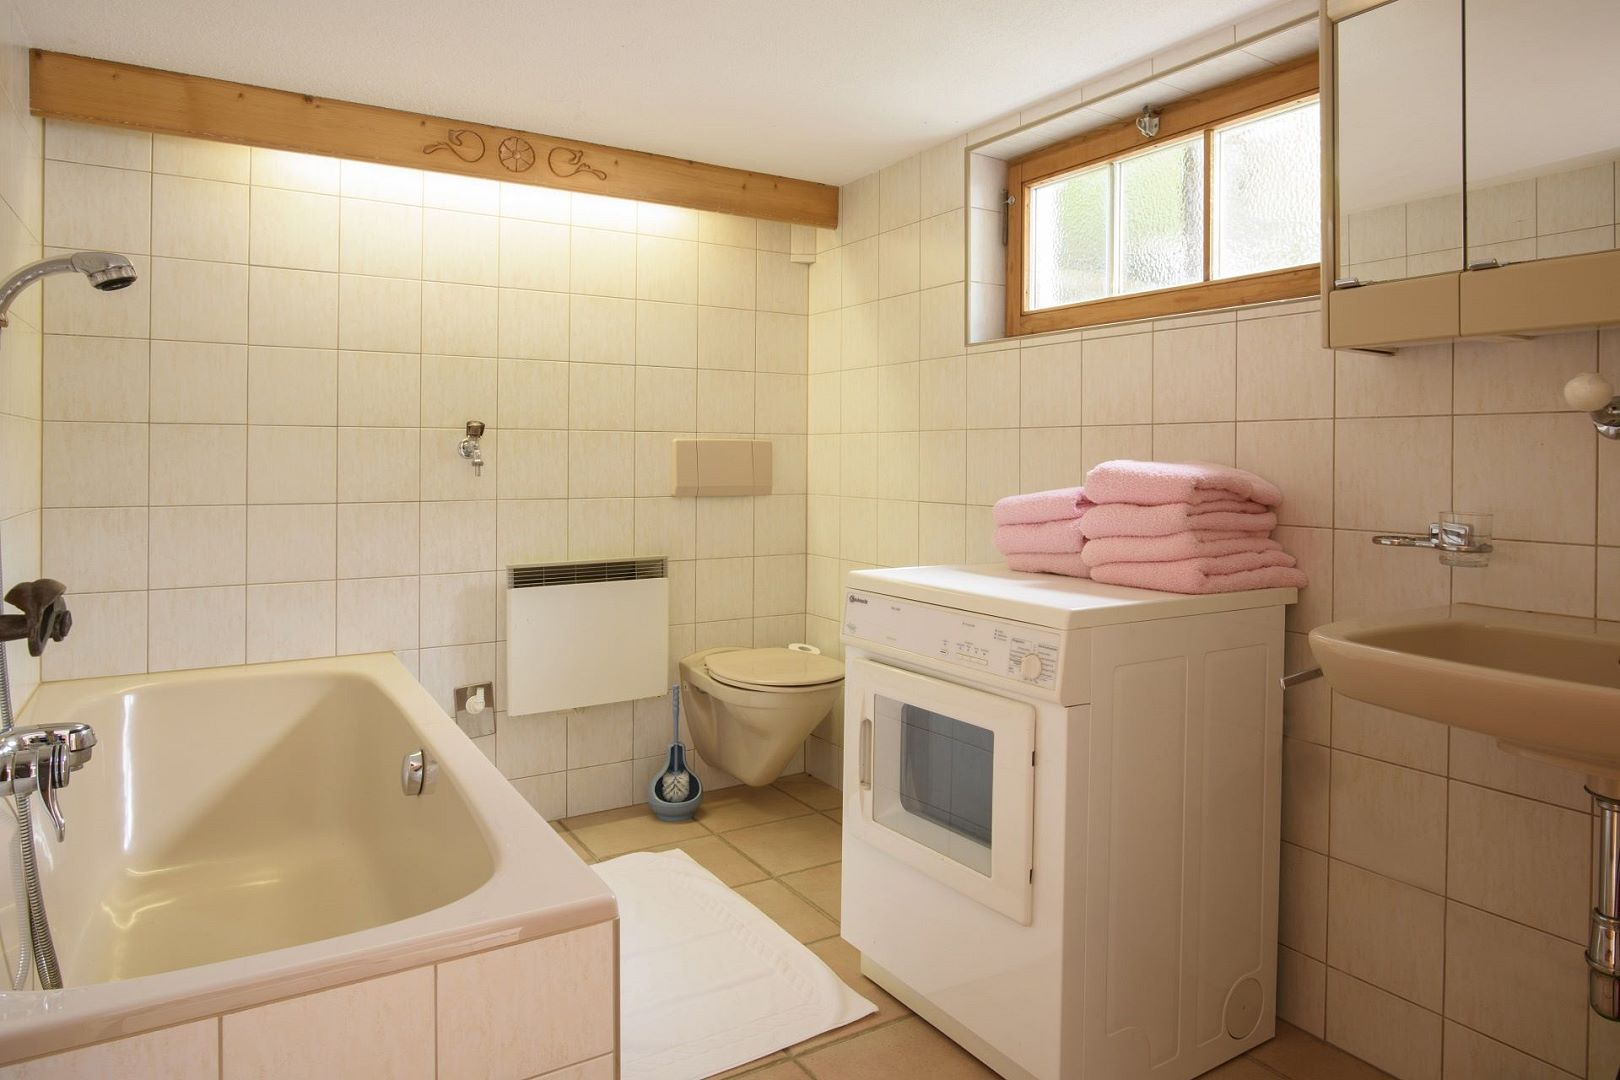 badezimmer chalet. Black Bedroom Furniture Sets. Home Design Ideas